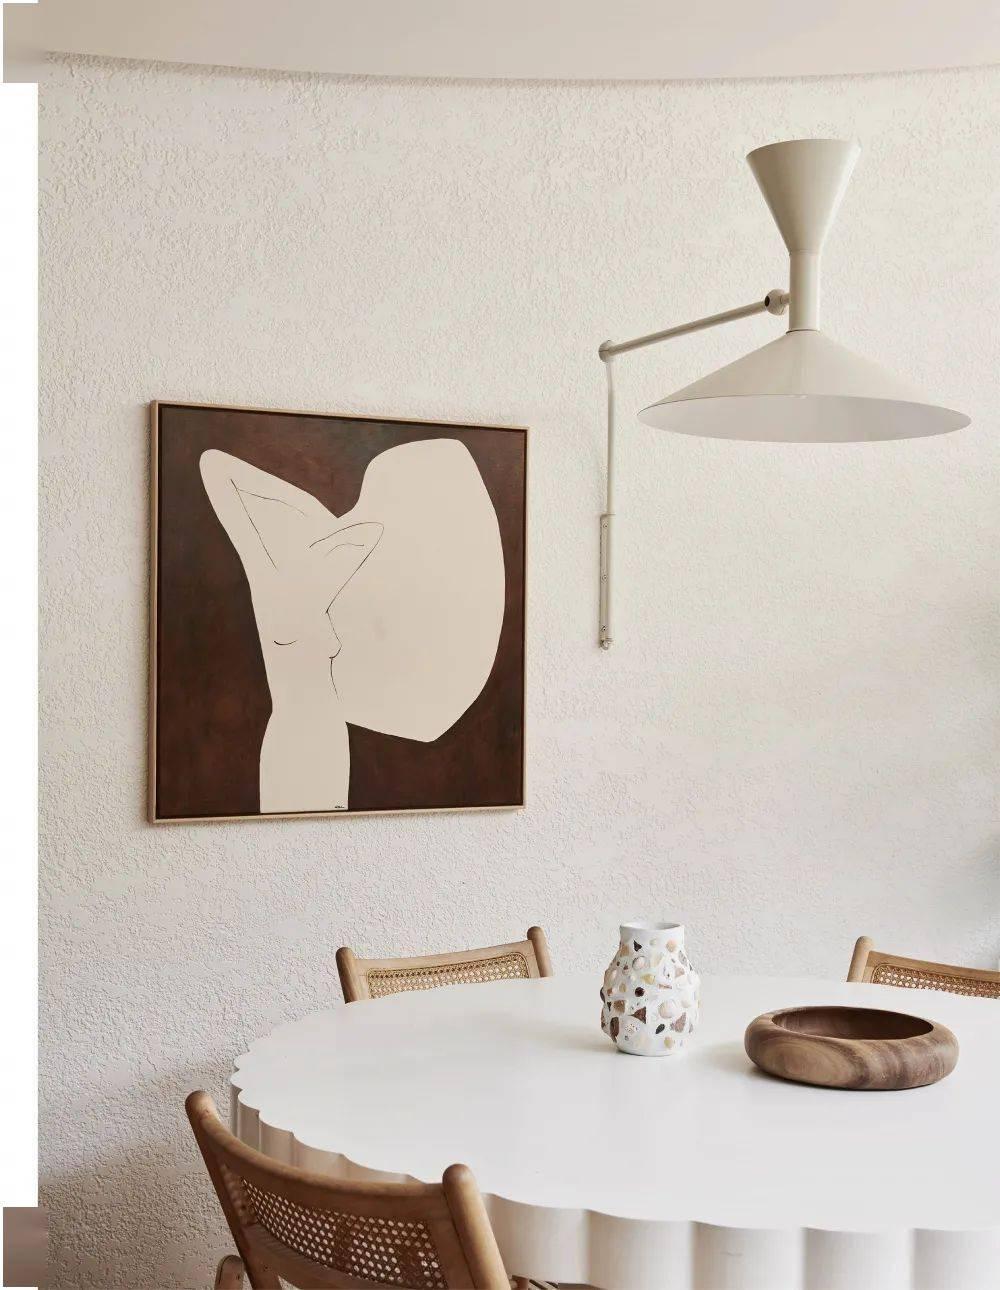 清新自然的原木风,优乐平台登录打造和顺惬意的居家空间